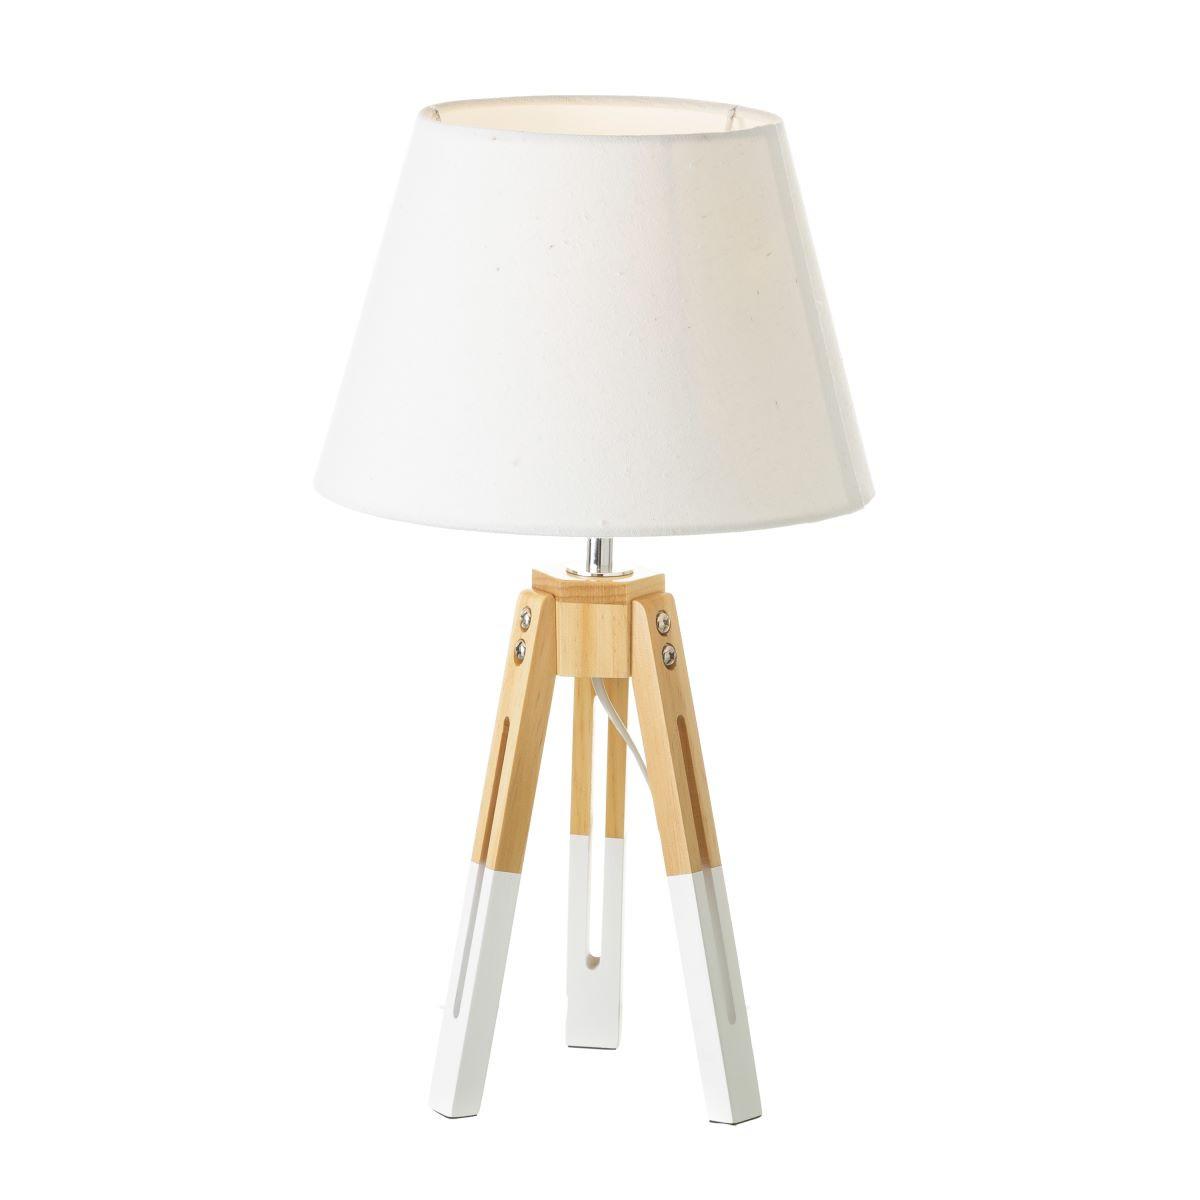 L mpara blanco madera estilo n rdico casika for Lamparas estilo escandinavo